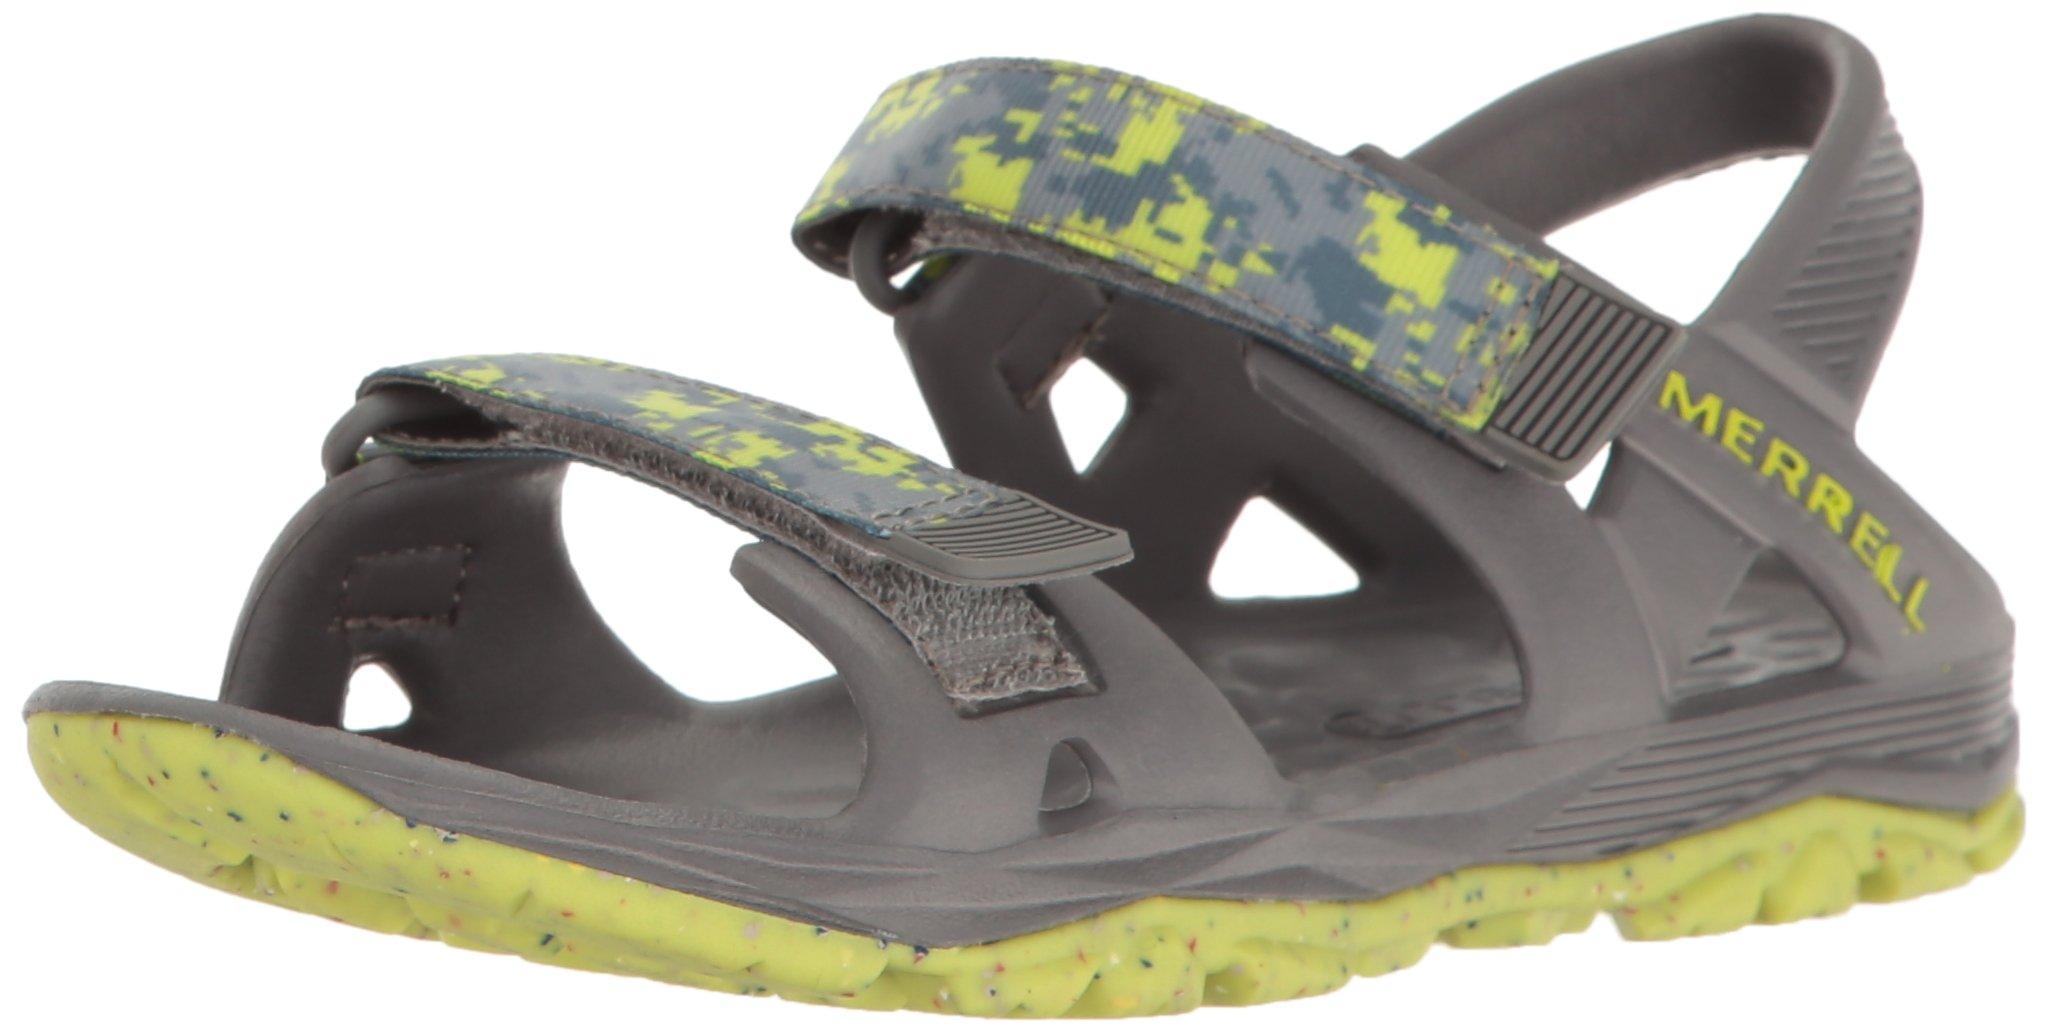 Merrell Hydro Drift Water Sandal, Grey/Lime, 2 M US Little Kid